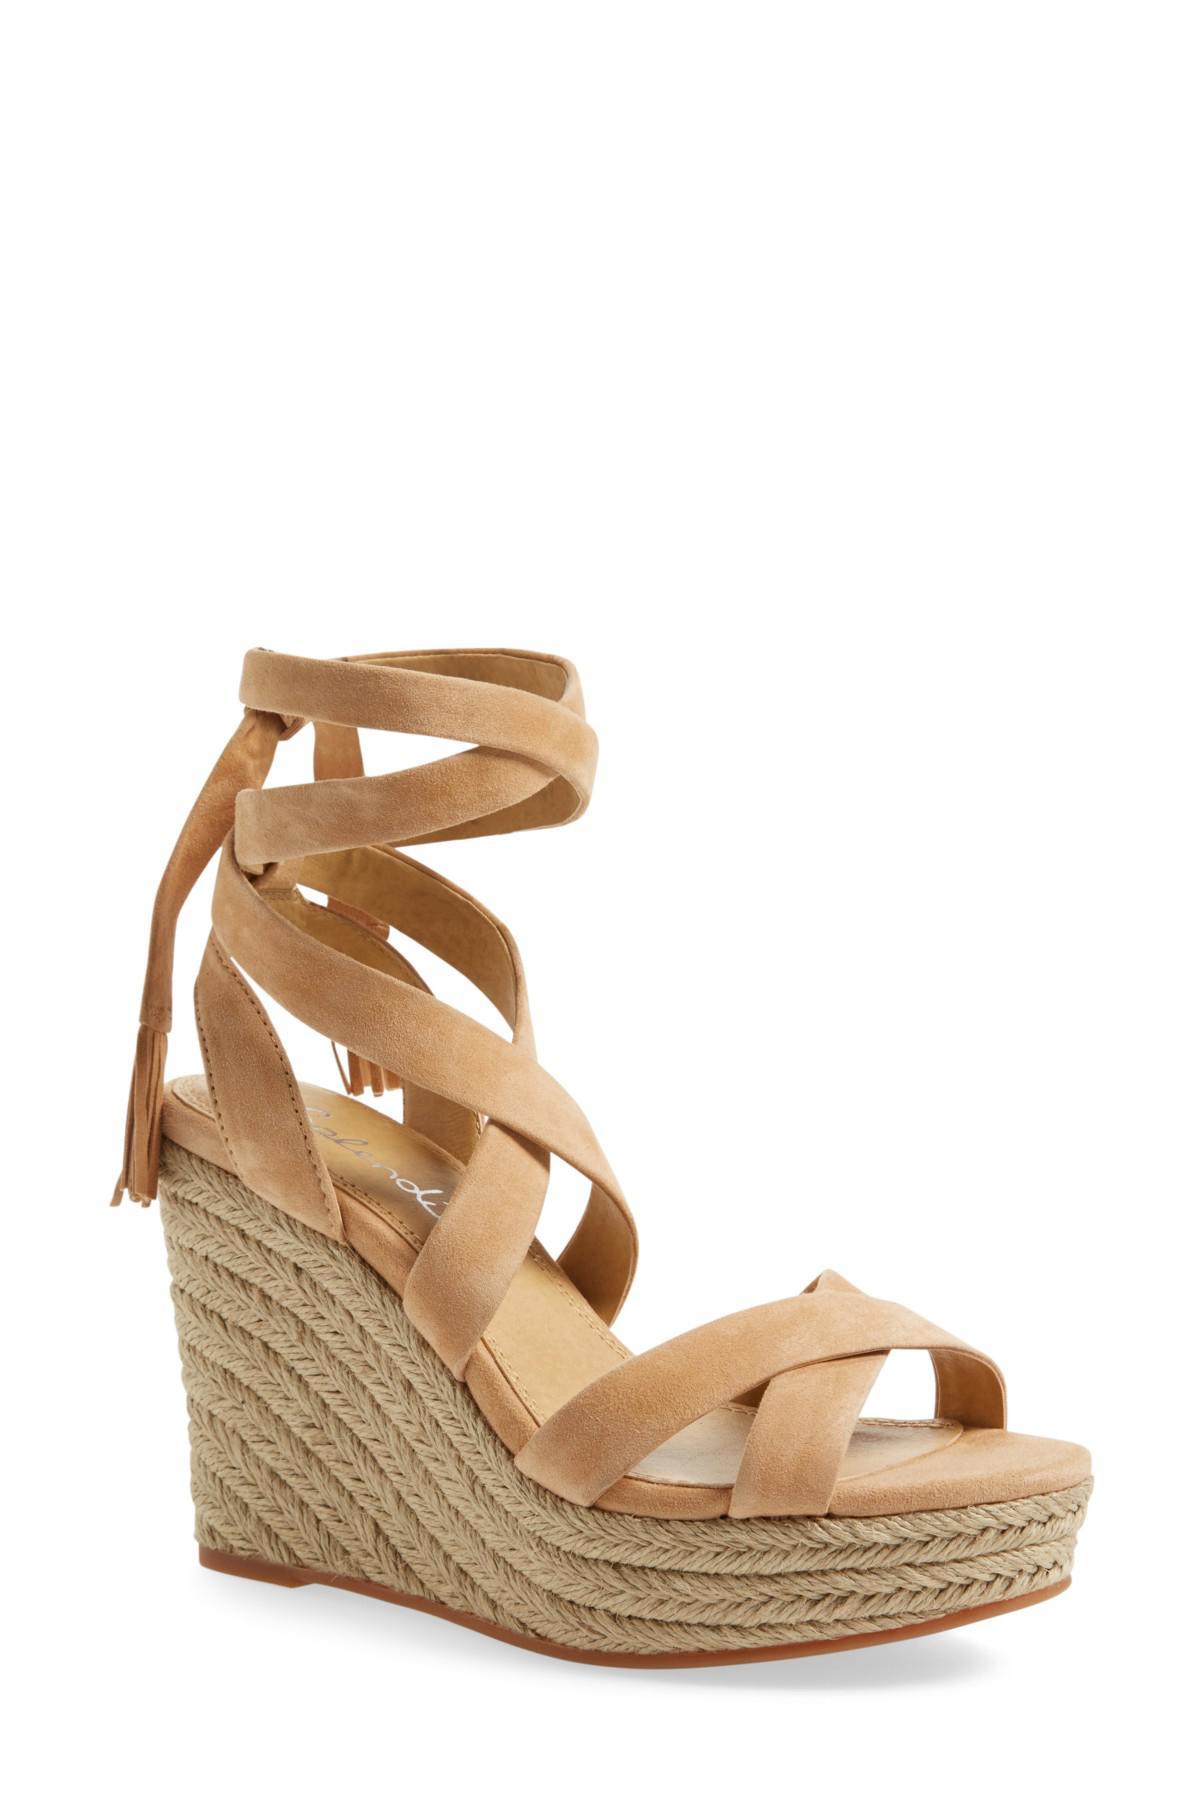 c30e1e9454b Lyst - Splendid Janice Espadrille Wedge Sandal in Natural